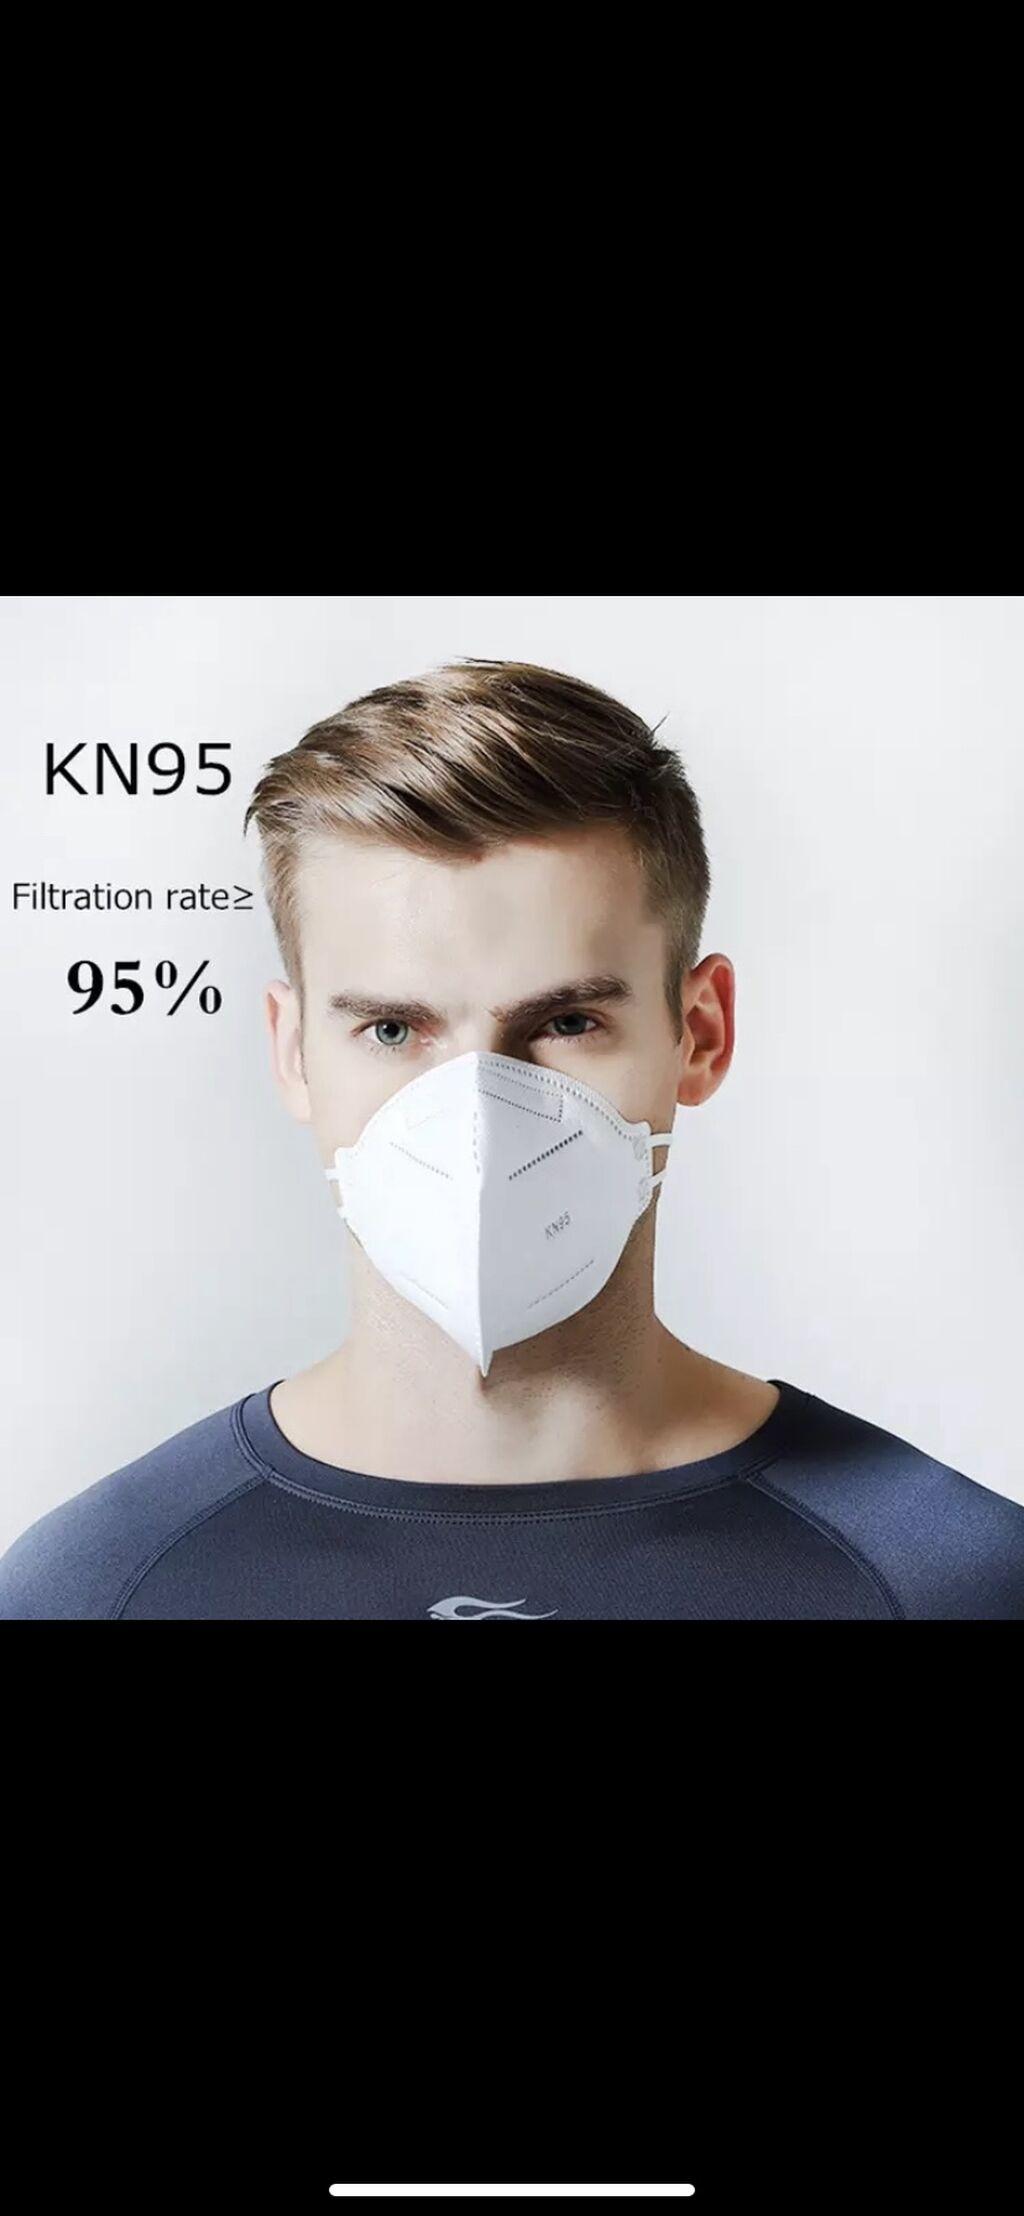 Продаются медицинские НАСТОЯЩИЕ KN95, пролонгированного срока ношения до 7 дней! (стандарт защиты FFP2 ) со всеми разрешительными документами , сертификатами качества!